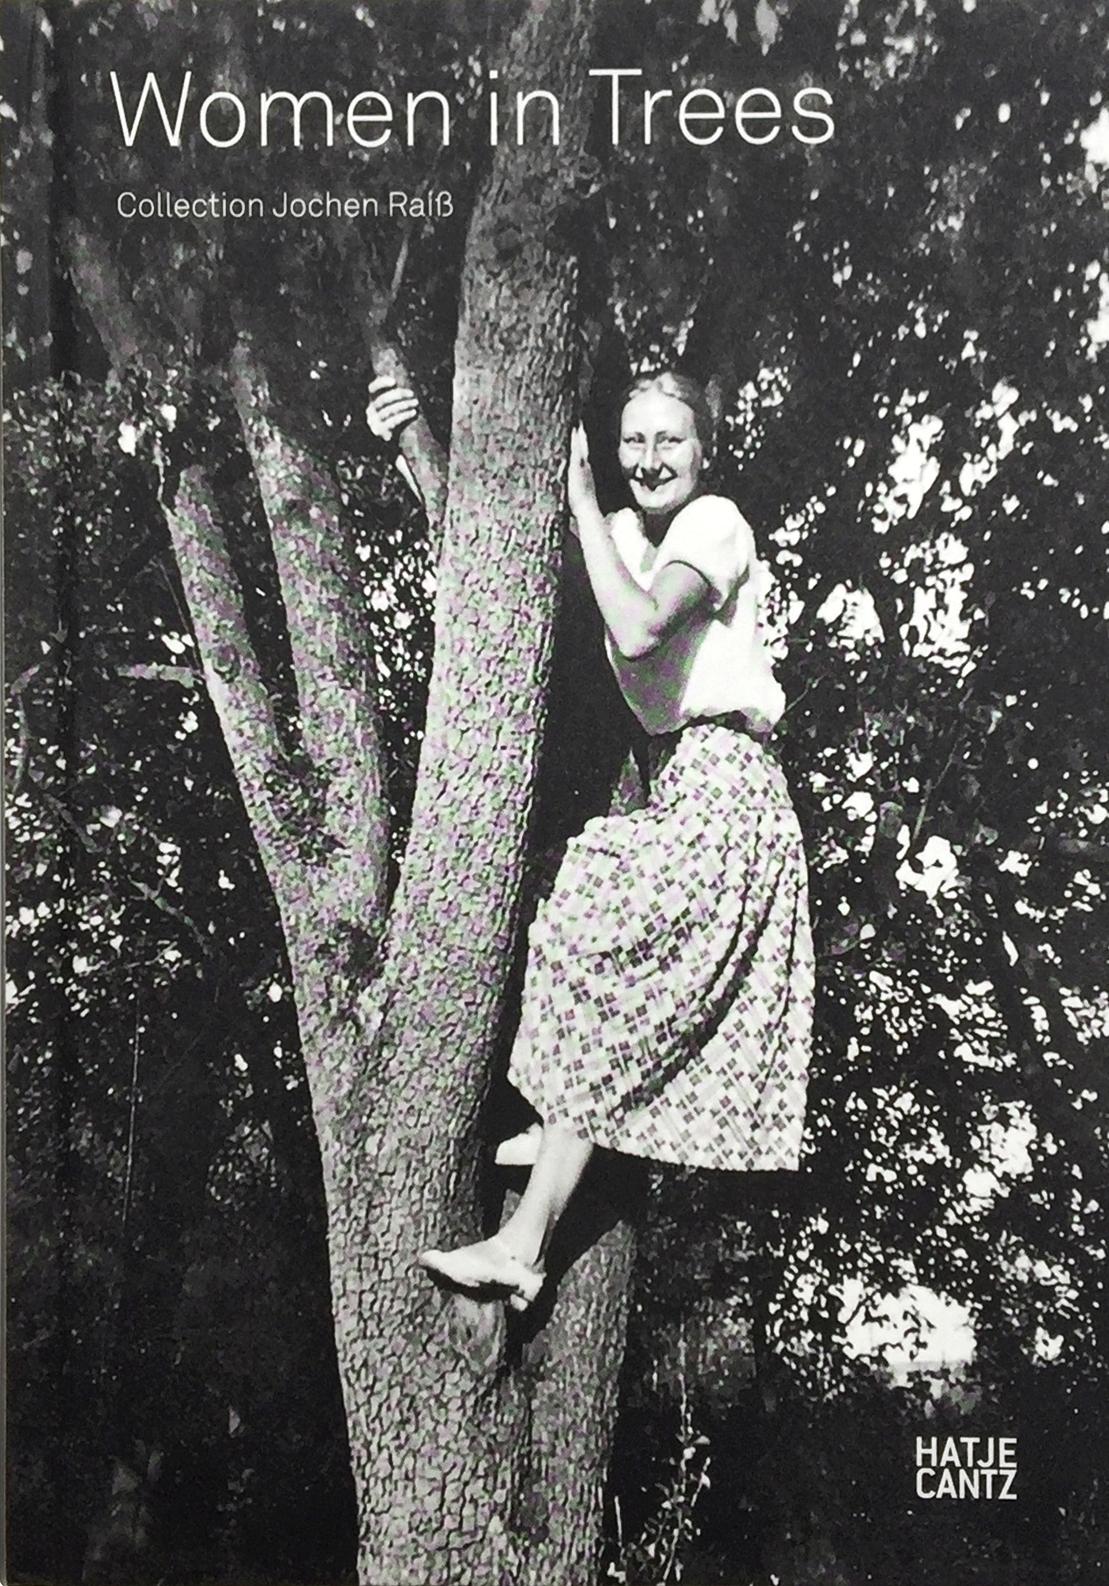 1423faac502dd Ağaç, çiçek, bitki, orman imgeleri, özgürlükle esaretin, yalnızlıkla  bağımlılığın aynı anda taşıyıcısıdır. Ulaşılması hep düşte kalan orman, ...